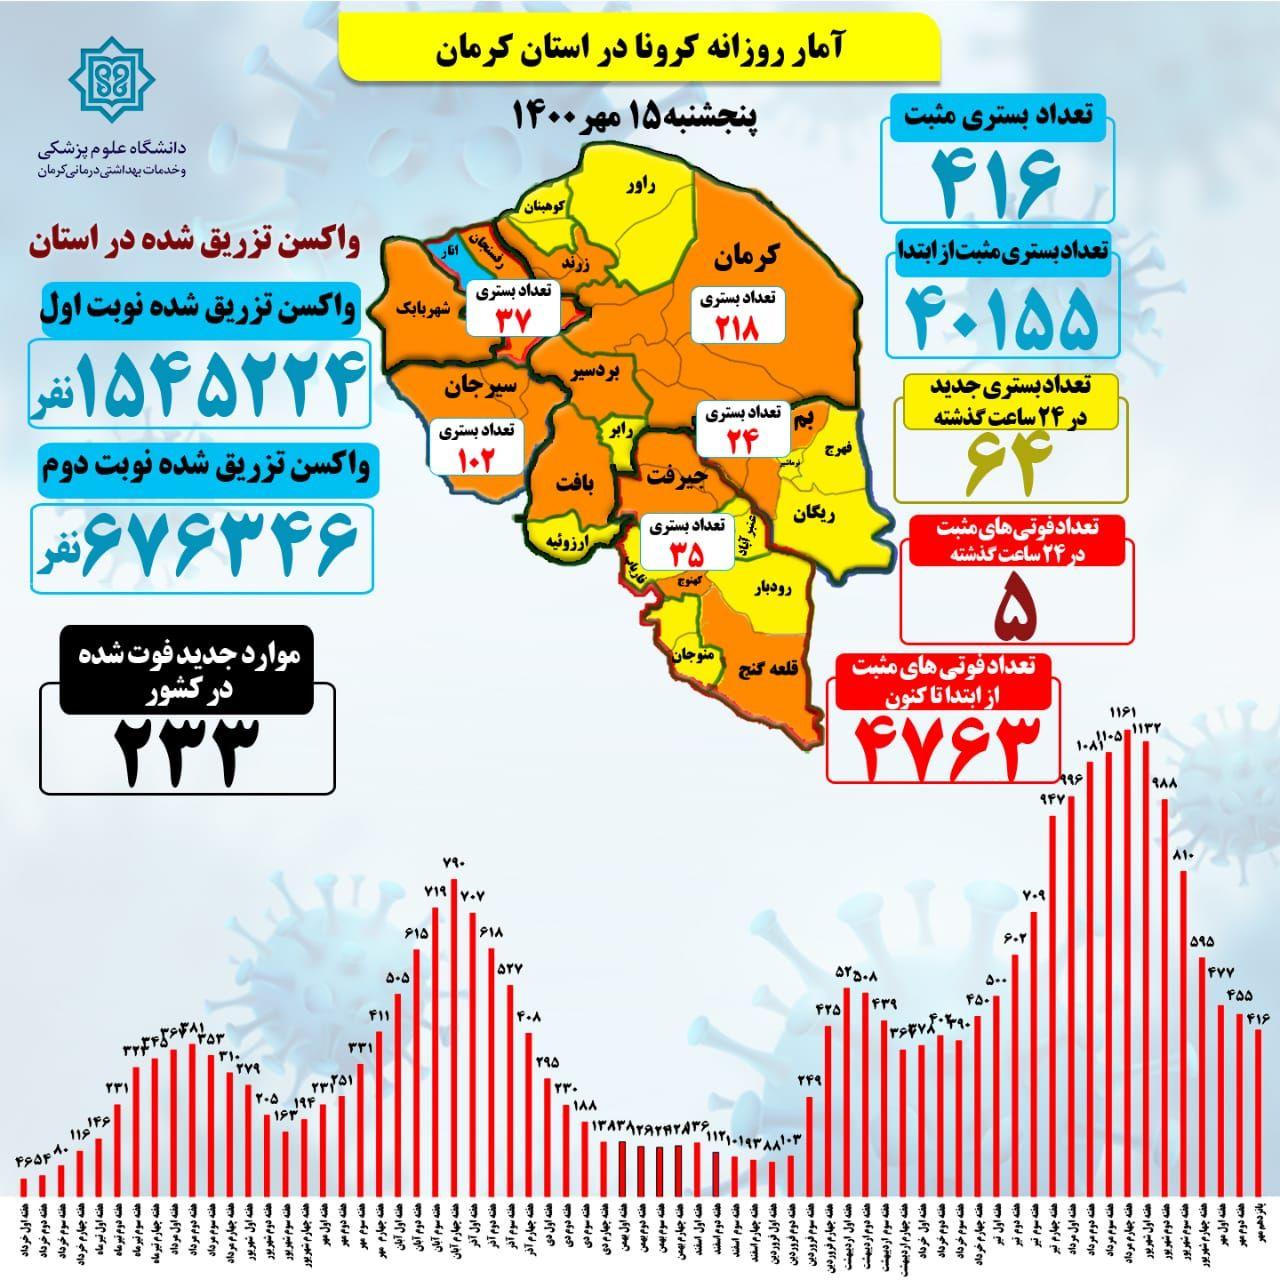 ۶۷۶۳۴۶ نفر واکسن تزریق شده نوبت دوم